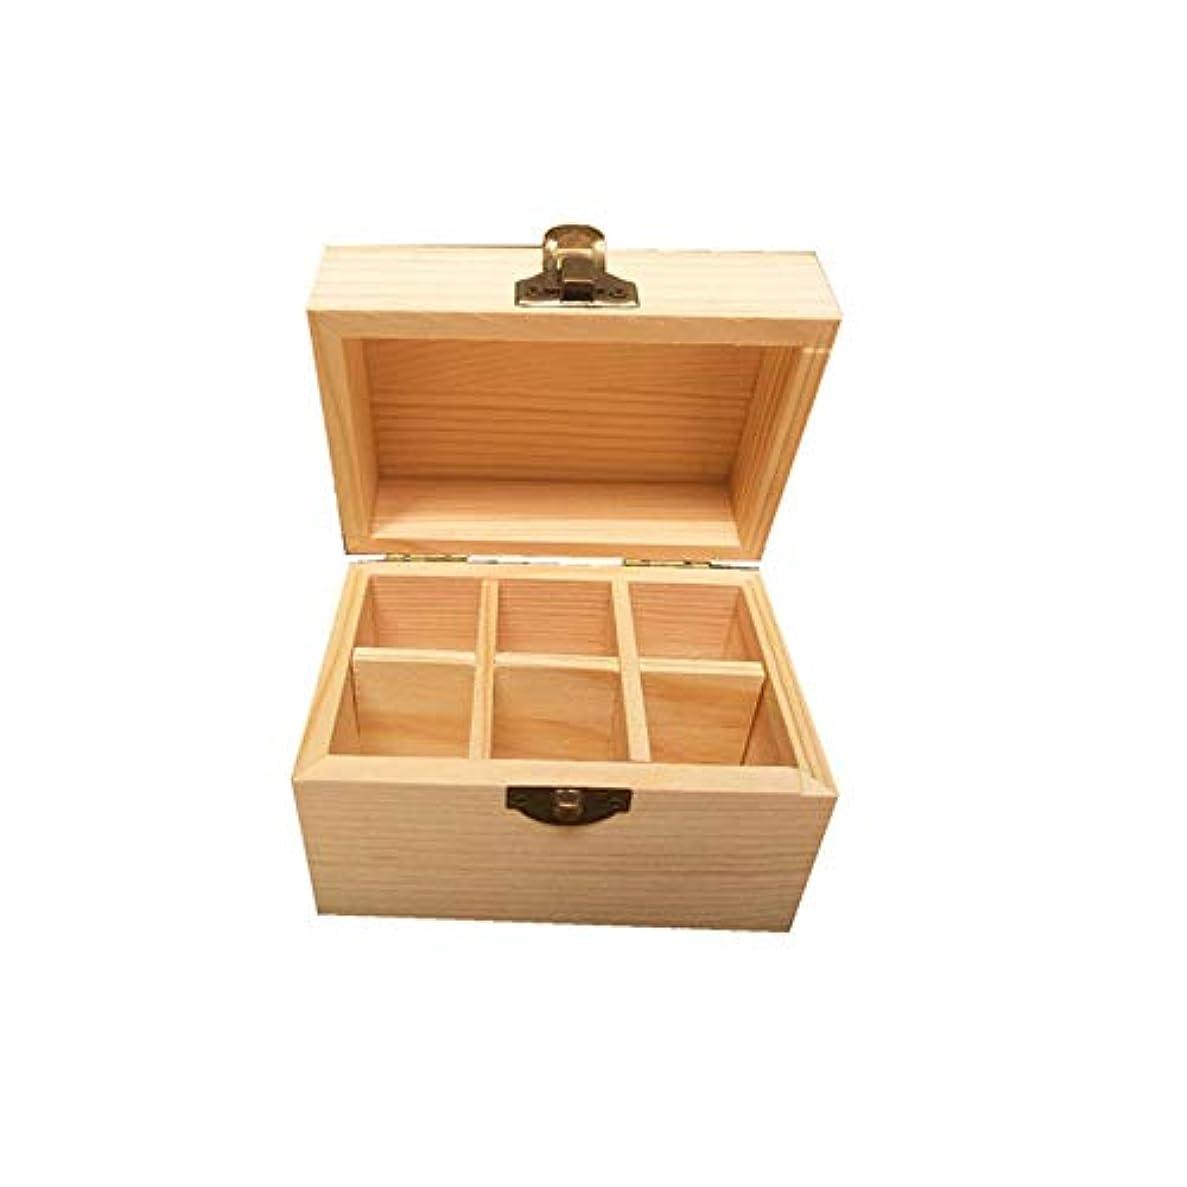 パラナ川ストリームシアーエッセンシャルオイルの保管 6つのボトル木製エッセンシャルオイルストレージボックスパーフェクトエッセンシャルオイルケース (色 : Natural, サイズ : 12X8X8.5CM)